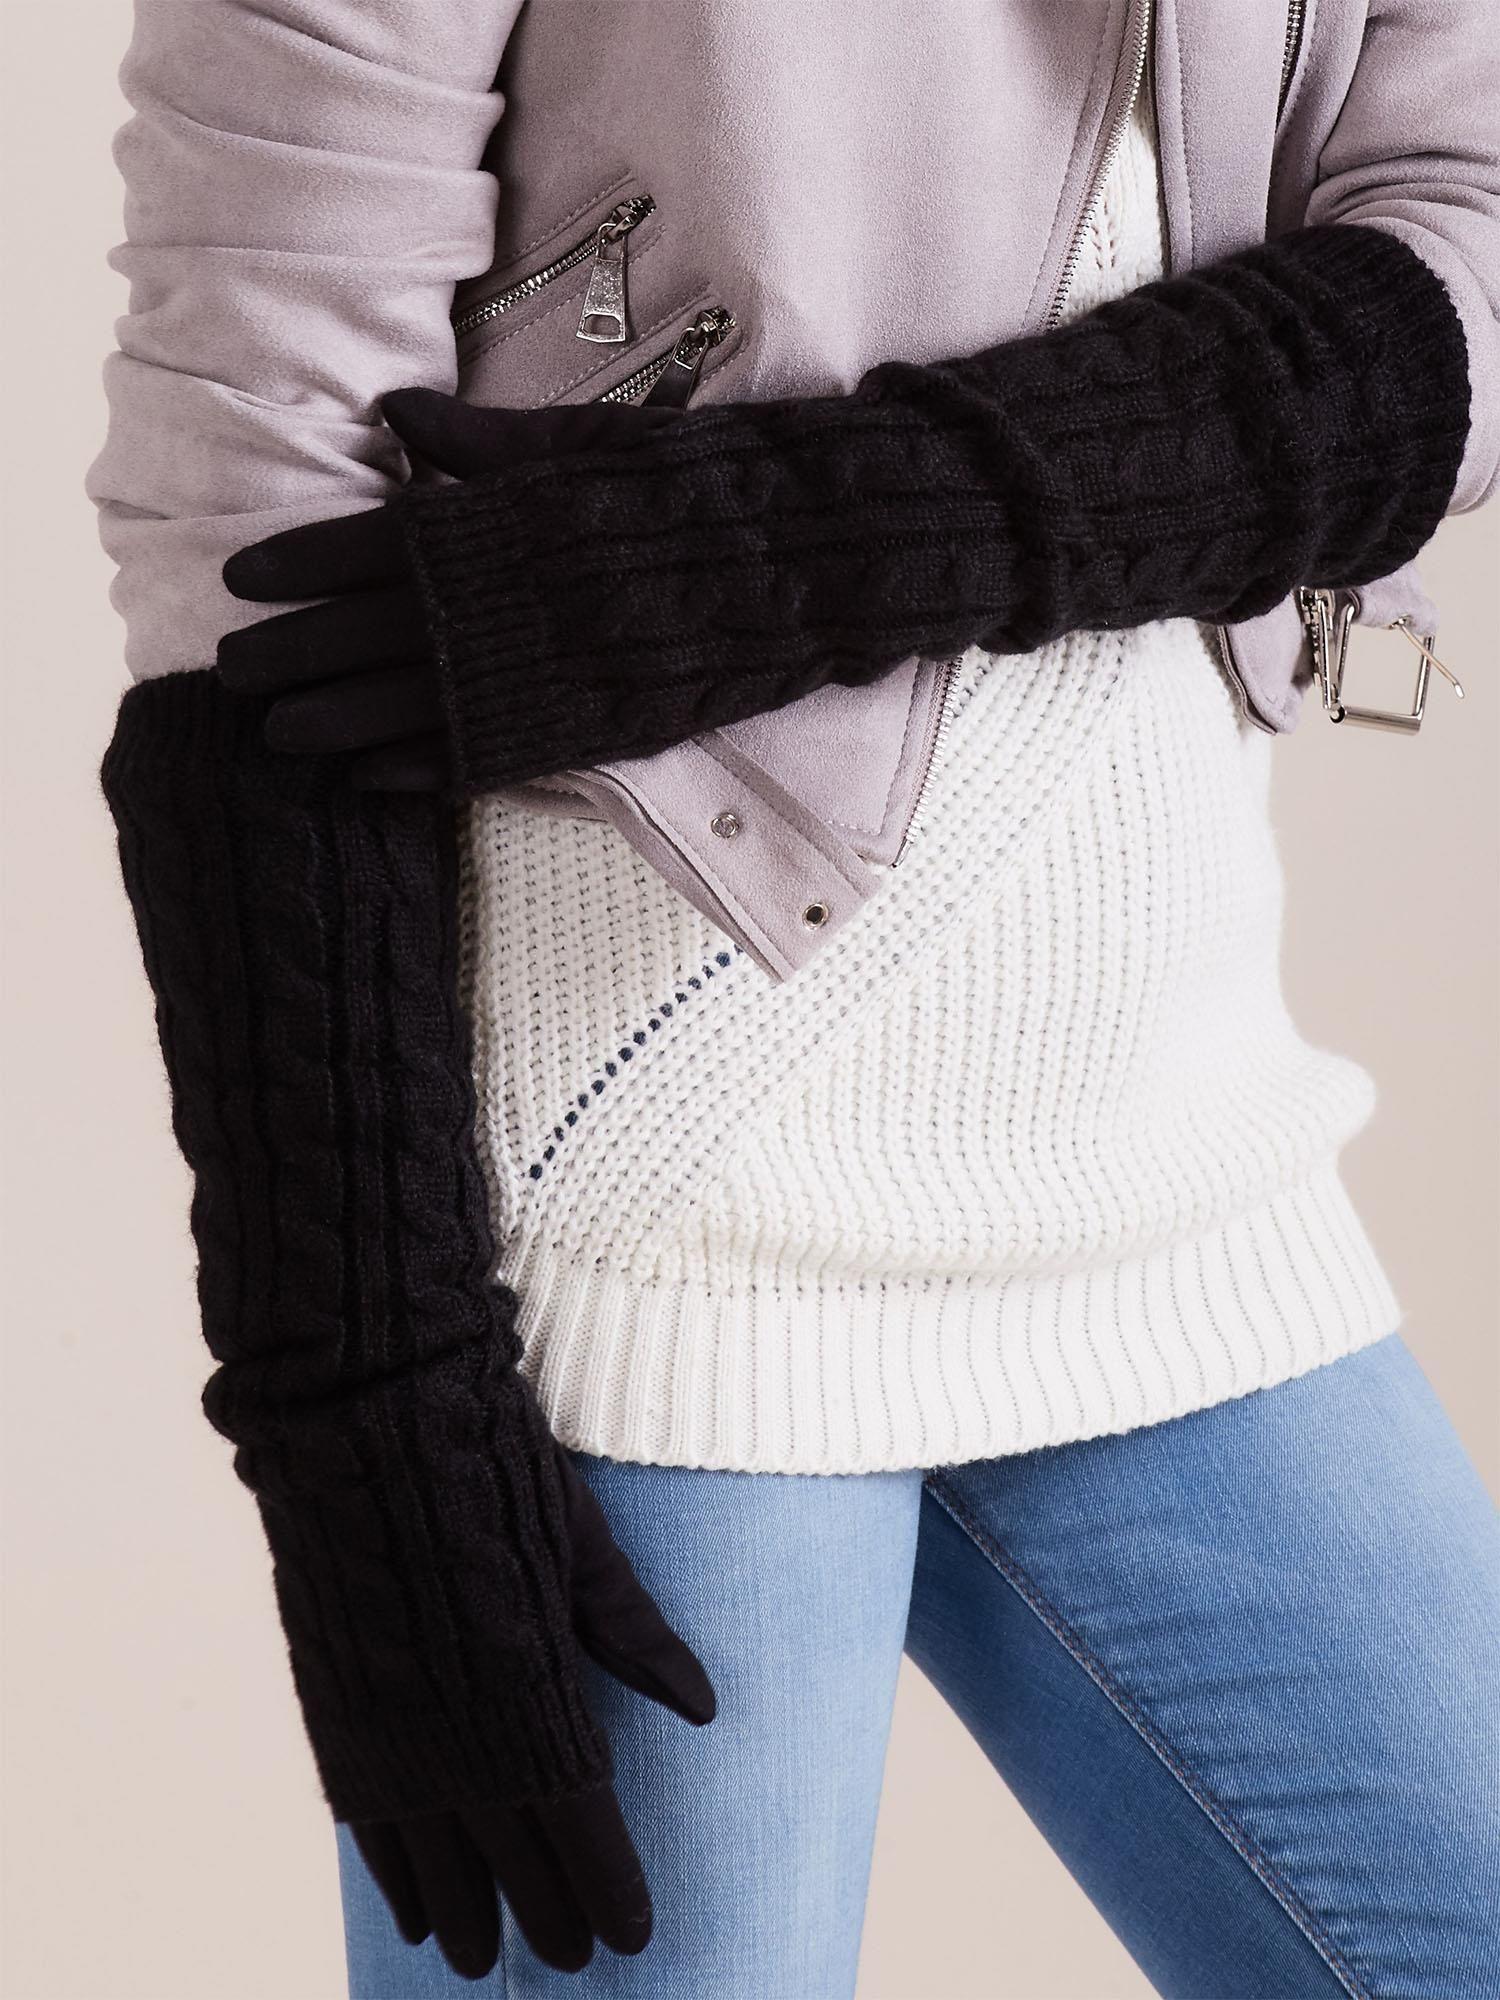 Černé dlouhé rukavice